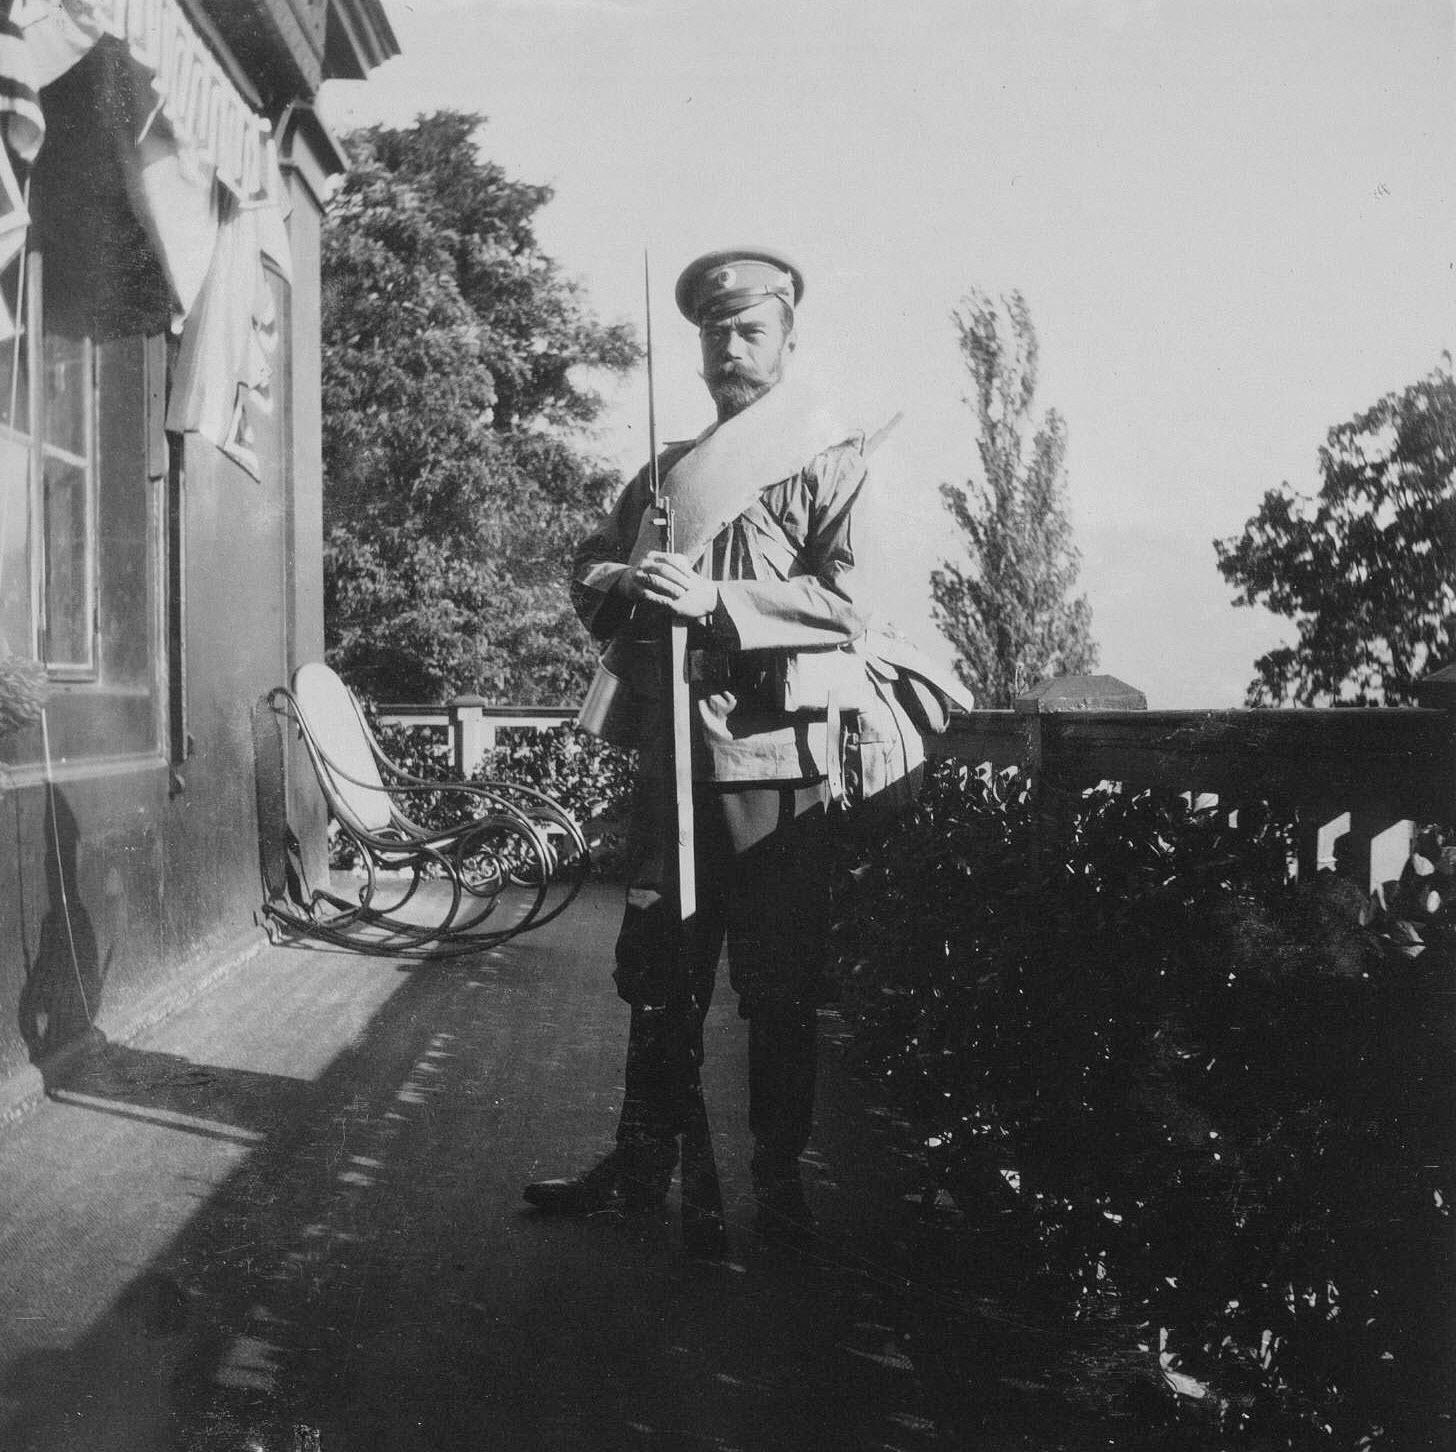 Император Николай II в форме солдата Русской армии